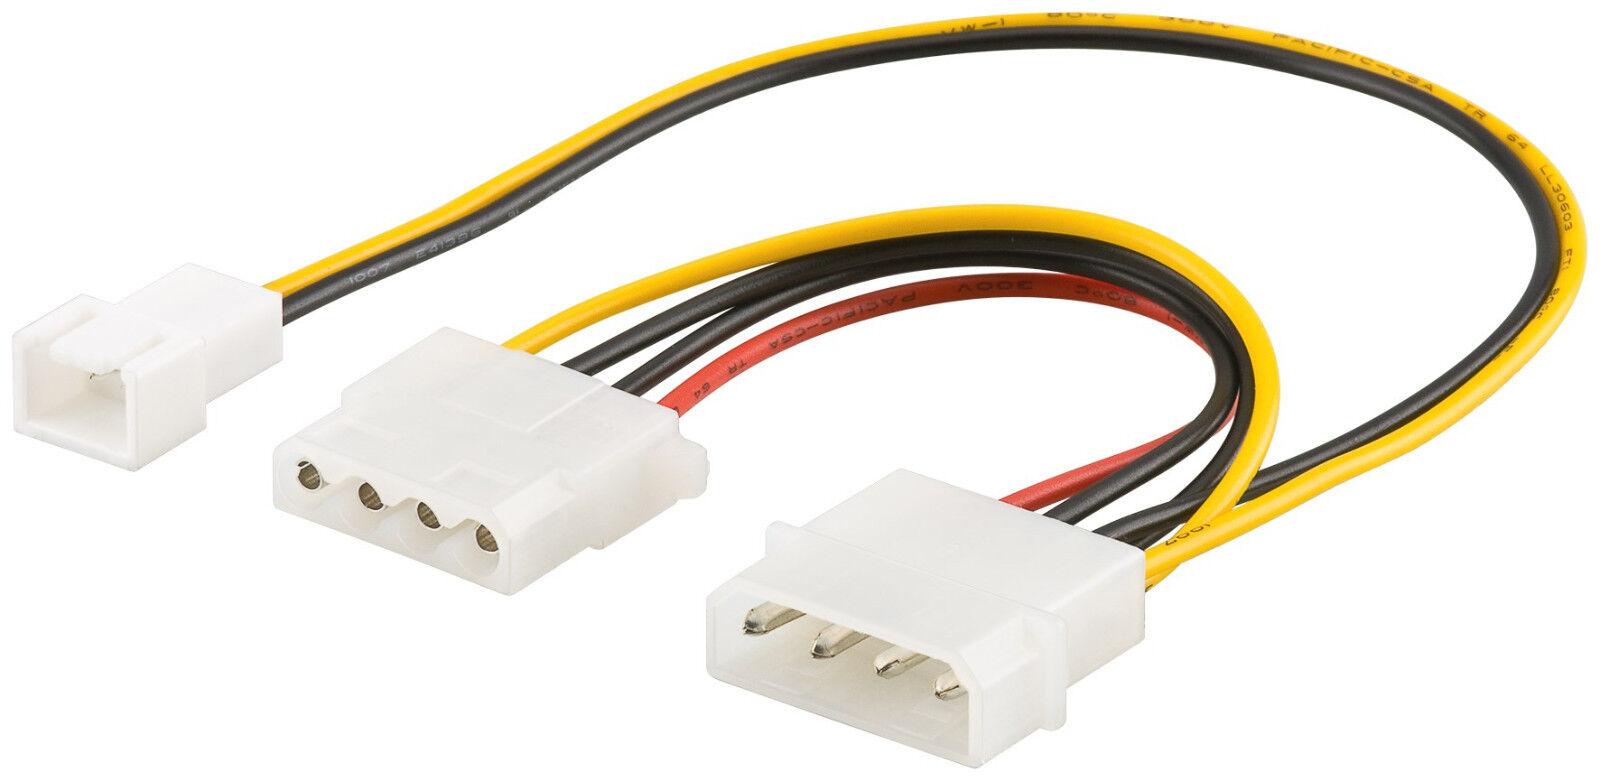 Lüfter Adapter Molex Stecker 4 Pin auf 3 PIN Stecker und 4 ...  Lüfter Adapter...